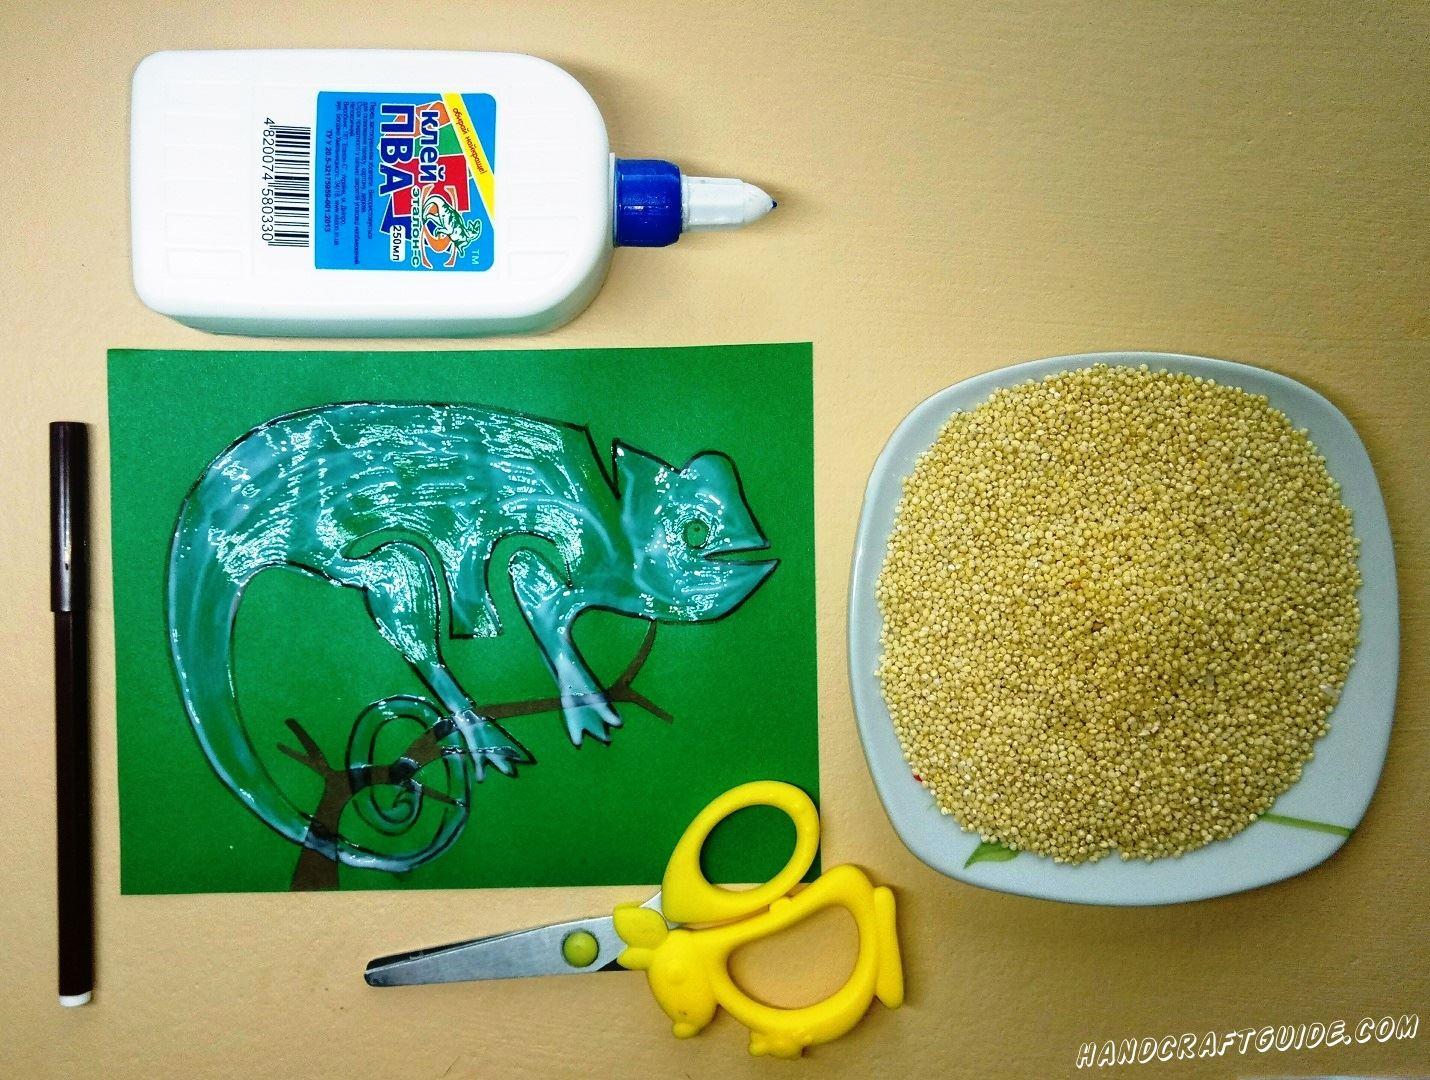 Рисуем нашего хамелеона, сидящего на веточке, и замазываем наш рисунок клеем